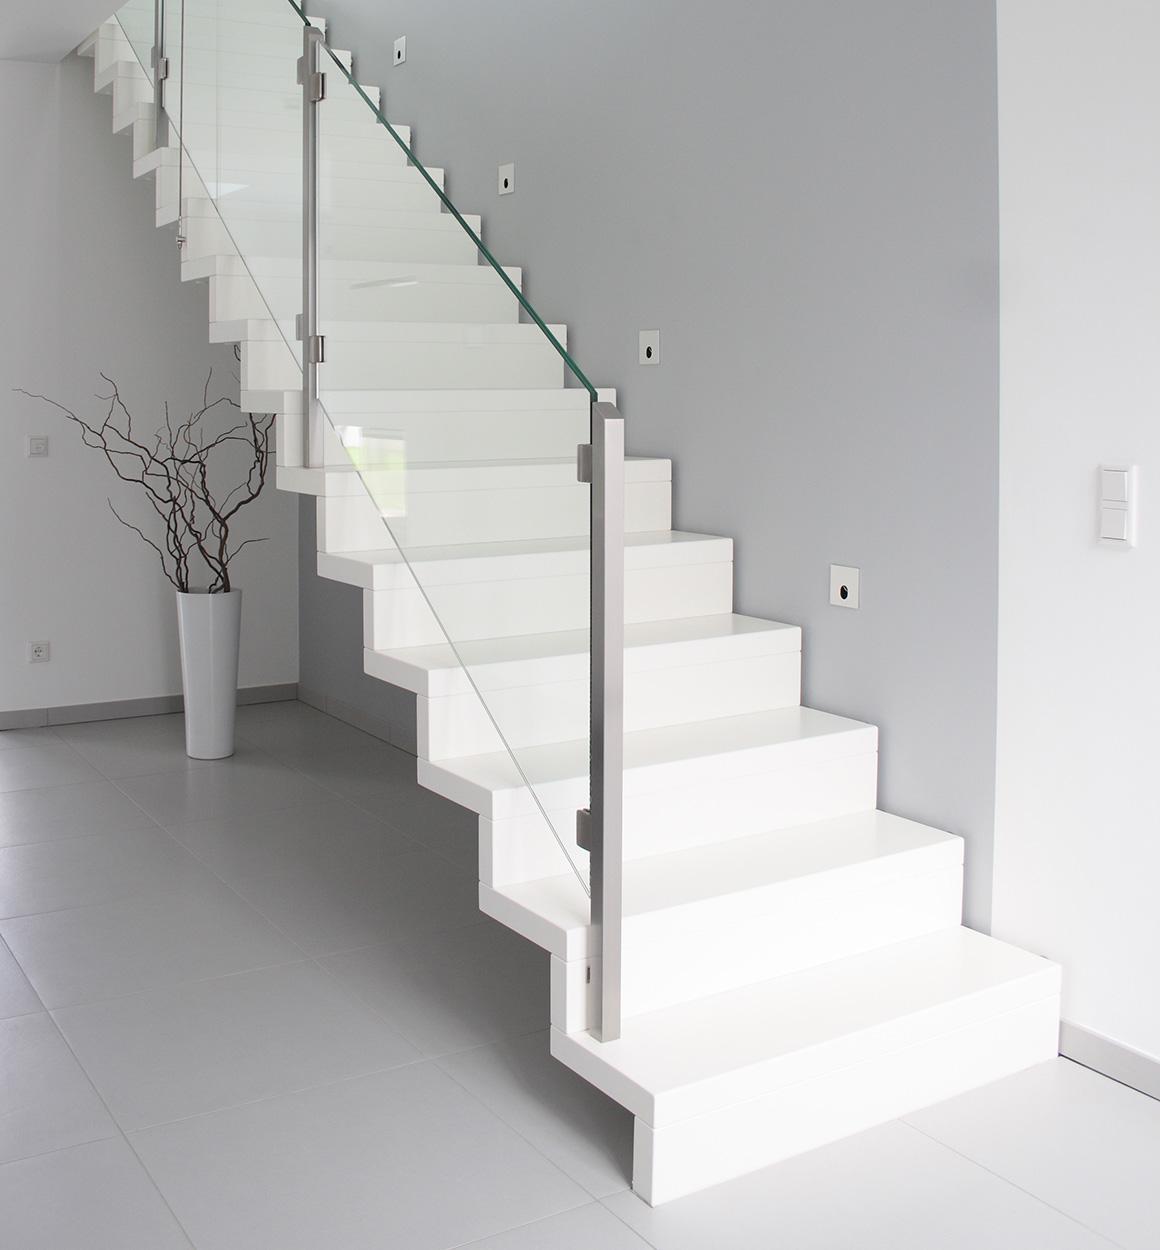 treppenbau seifert plz 06198 salzatal h hnstedt faltwerktreppe mit glas edelstahlgel nder. Black Bedroom Furniture Sets. Home Design Ideas